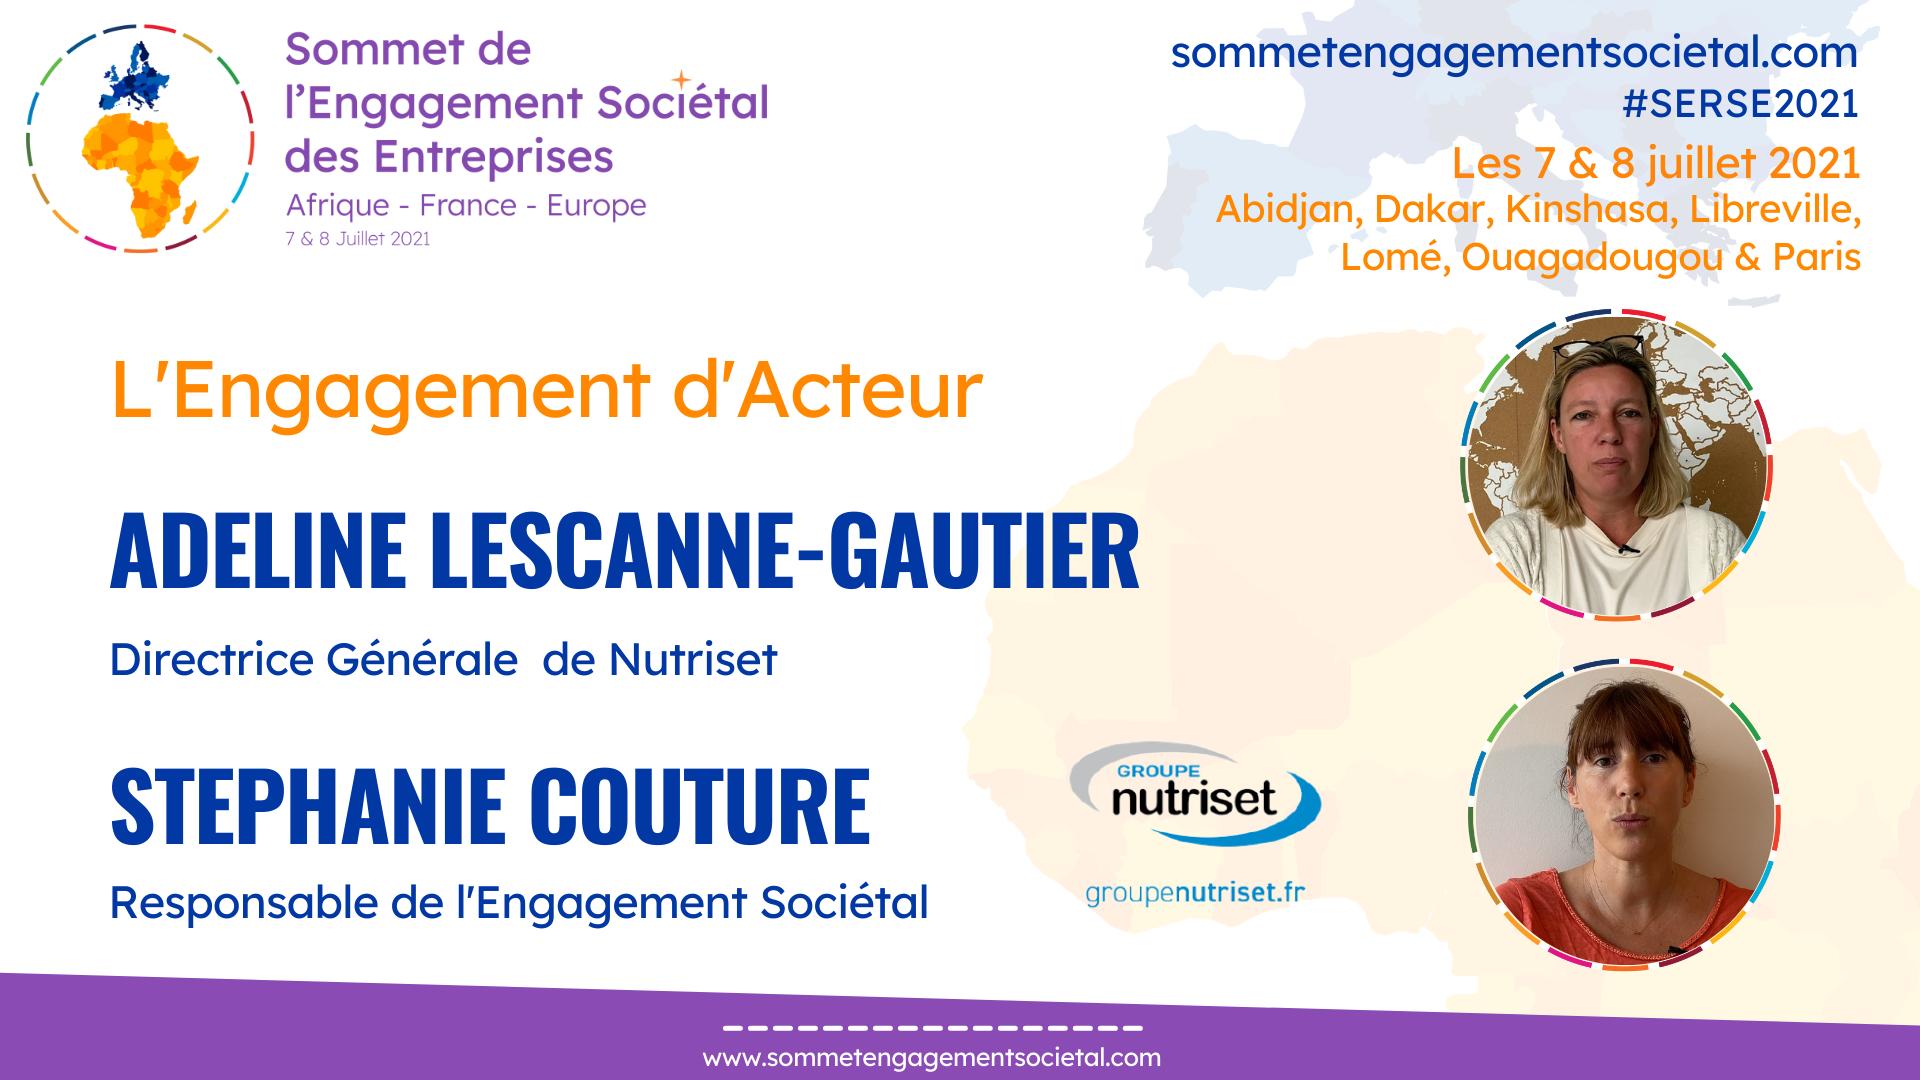 Adeline Lescanne-Gautier et Stéphanie Couture, l'Engagement d'™Acteur, Nutriset